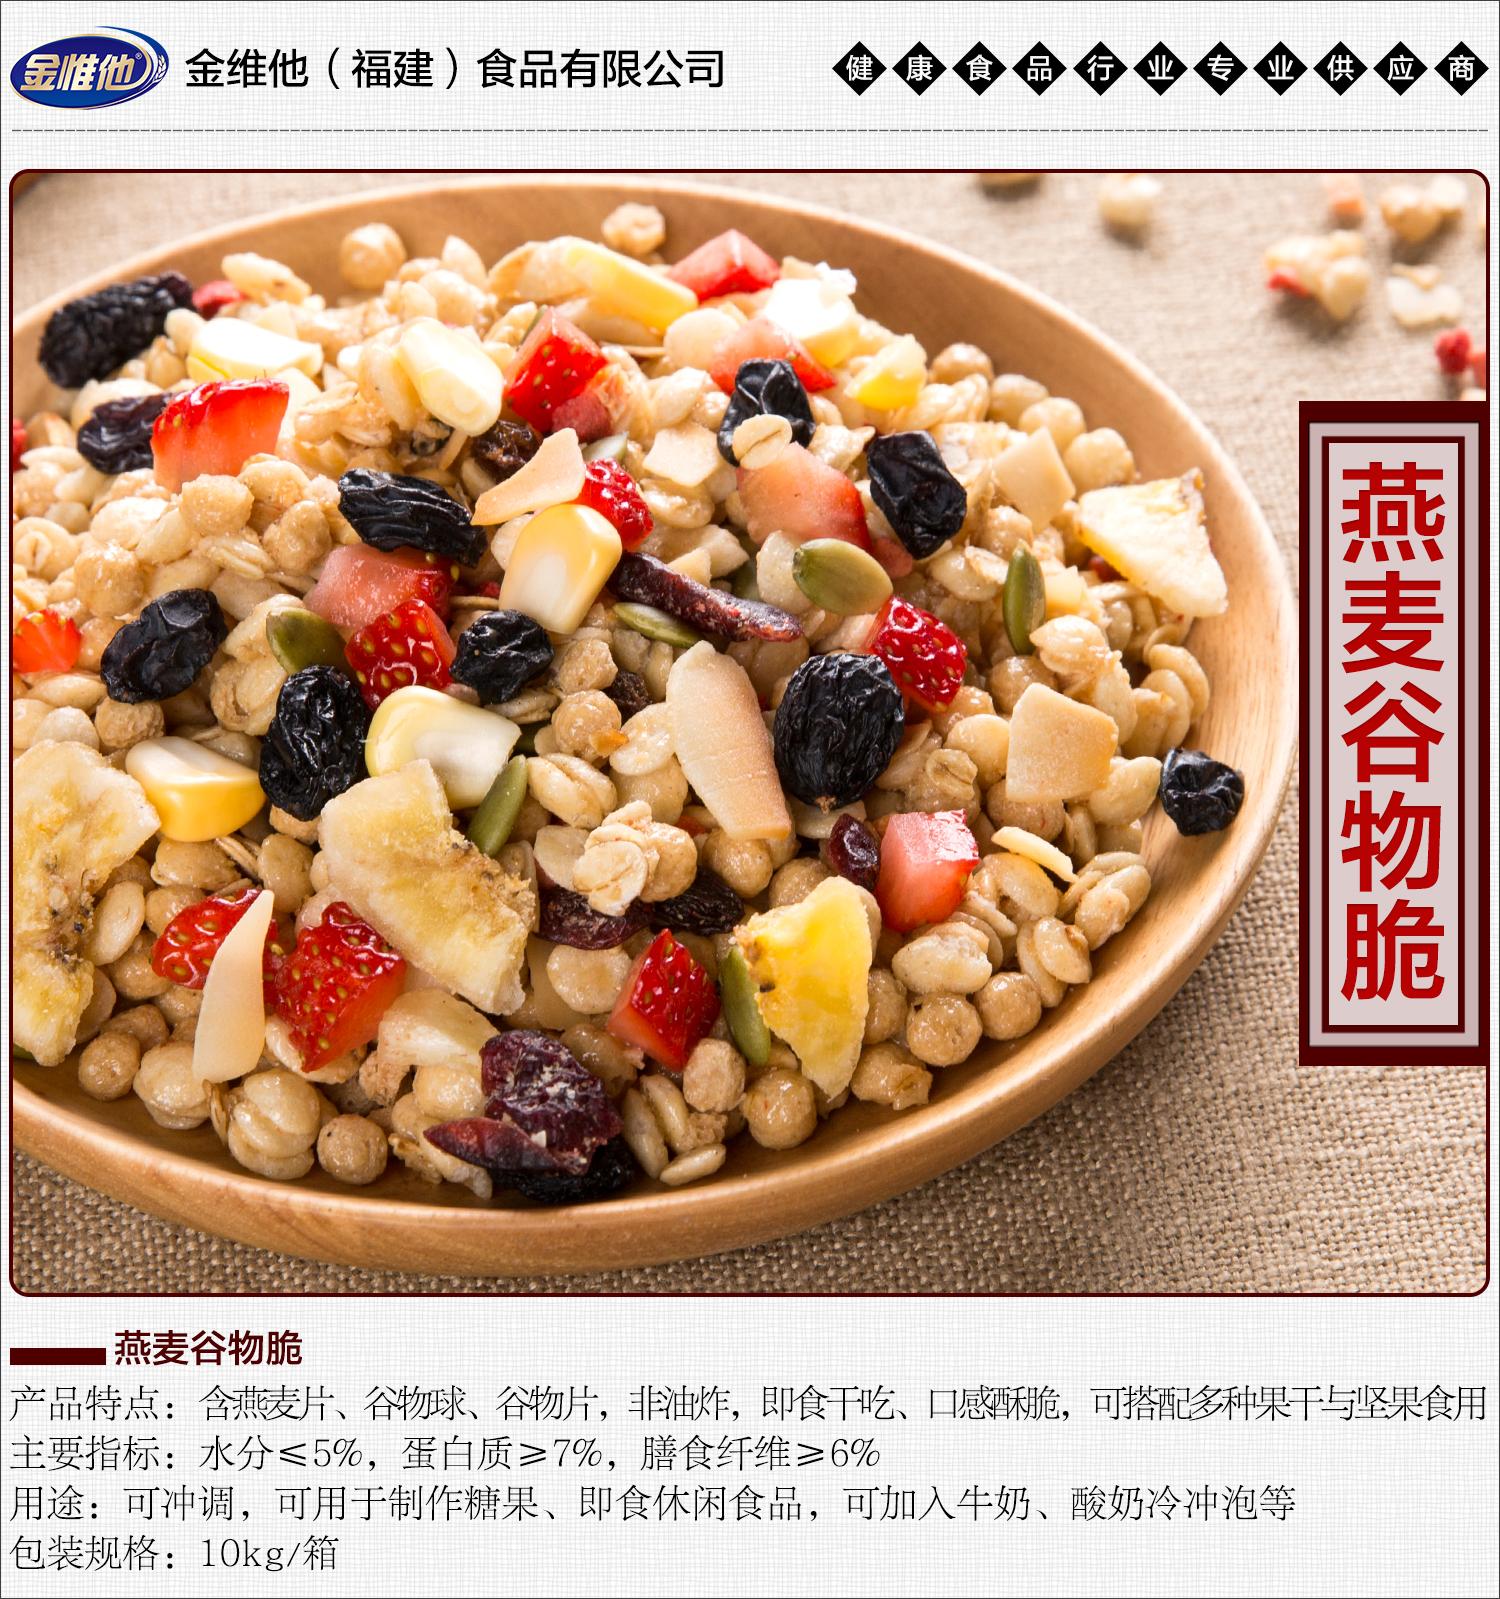 7-燕麦谷物脆